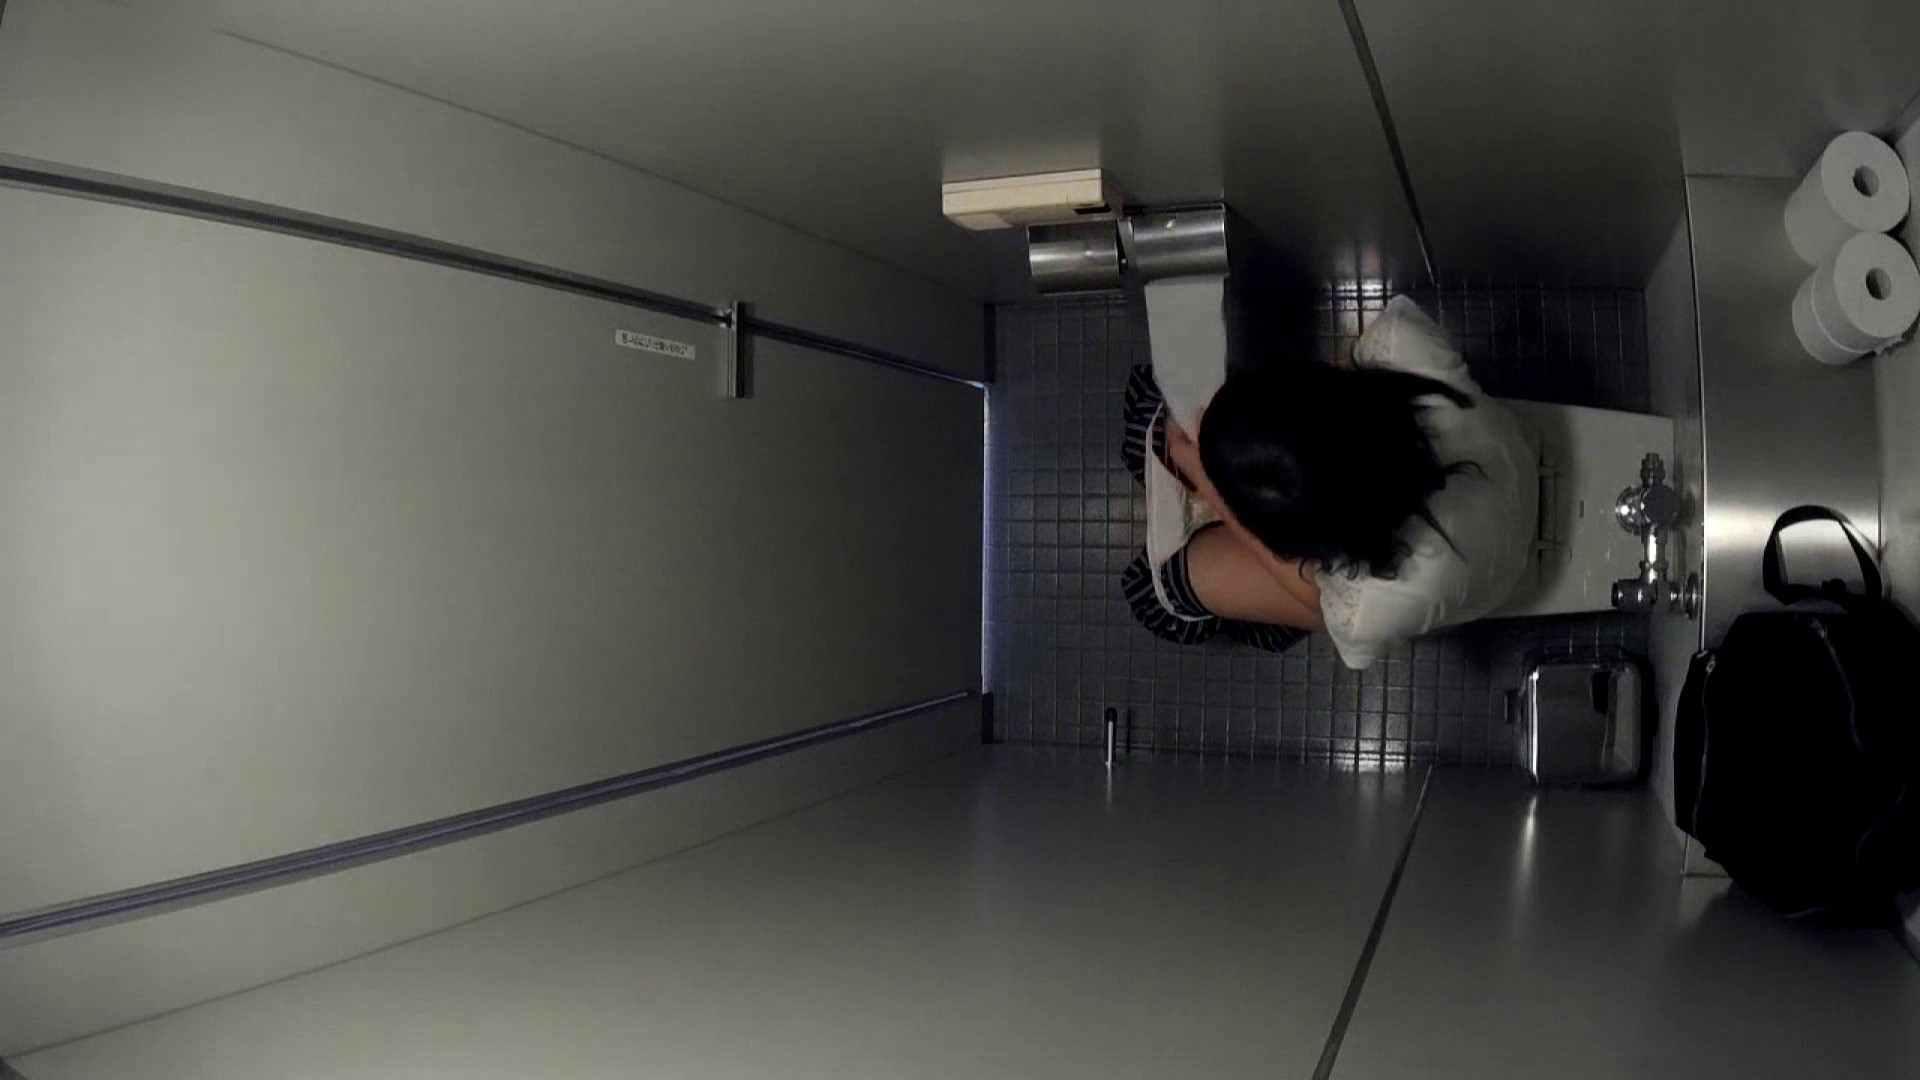 有名大学女性洗面所 vol.45 冴え渡る多方向撮影!職人技です。 OL  86連発 6